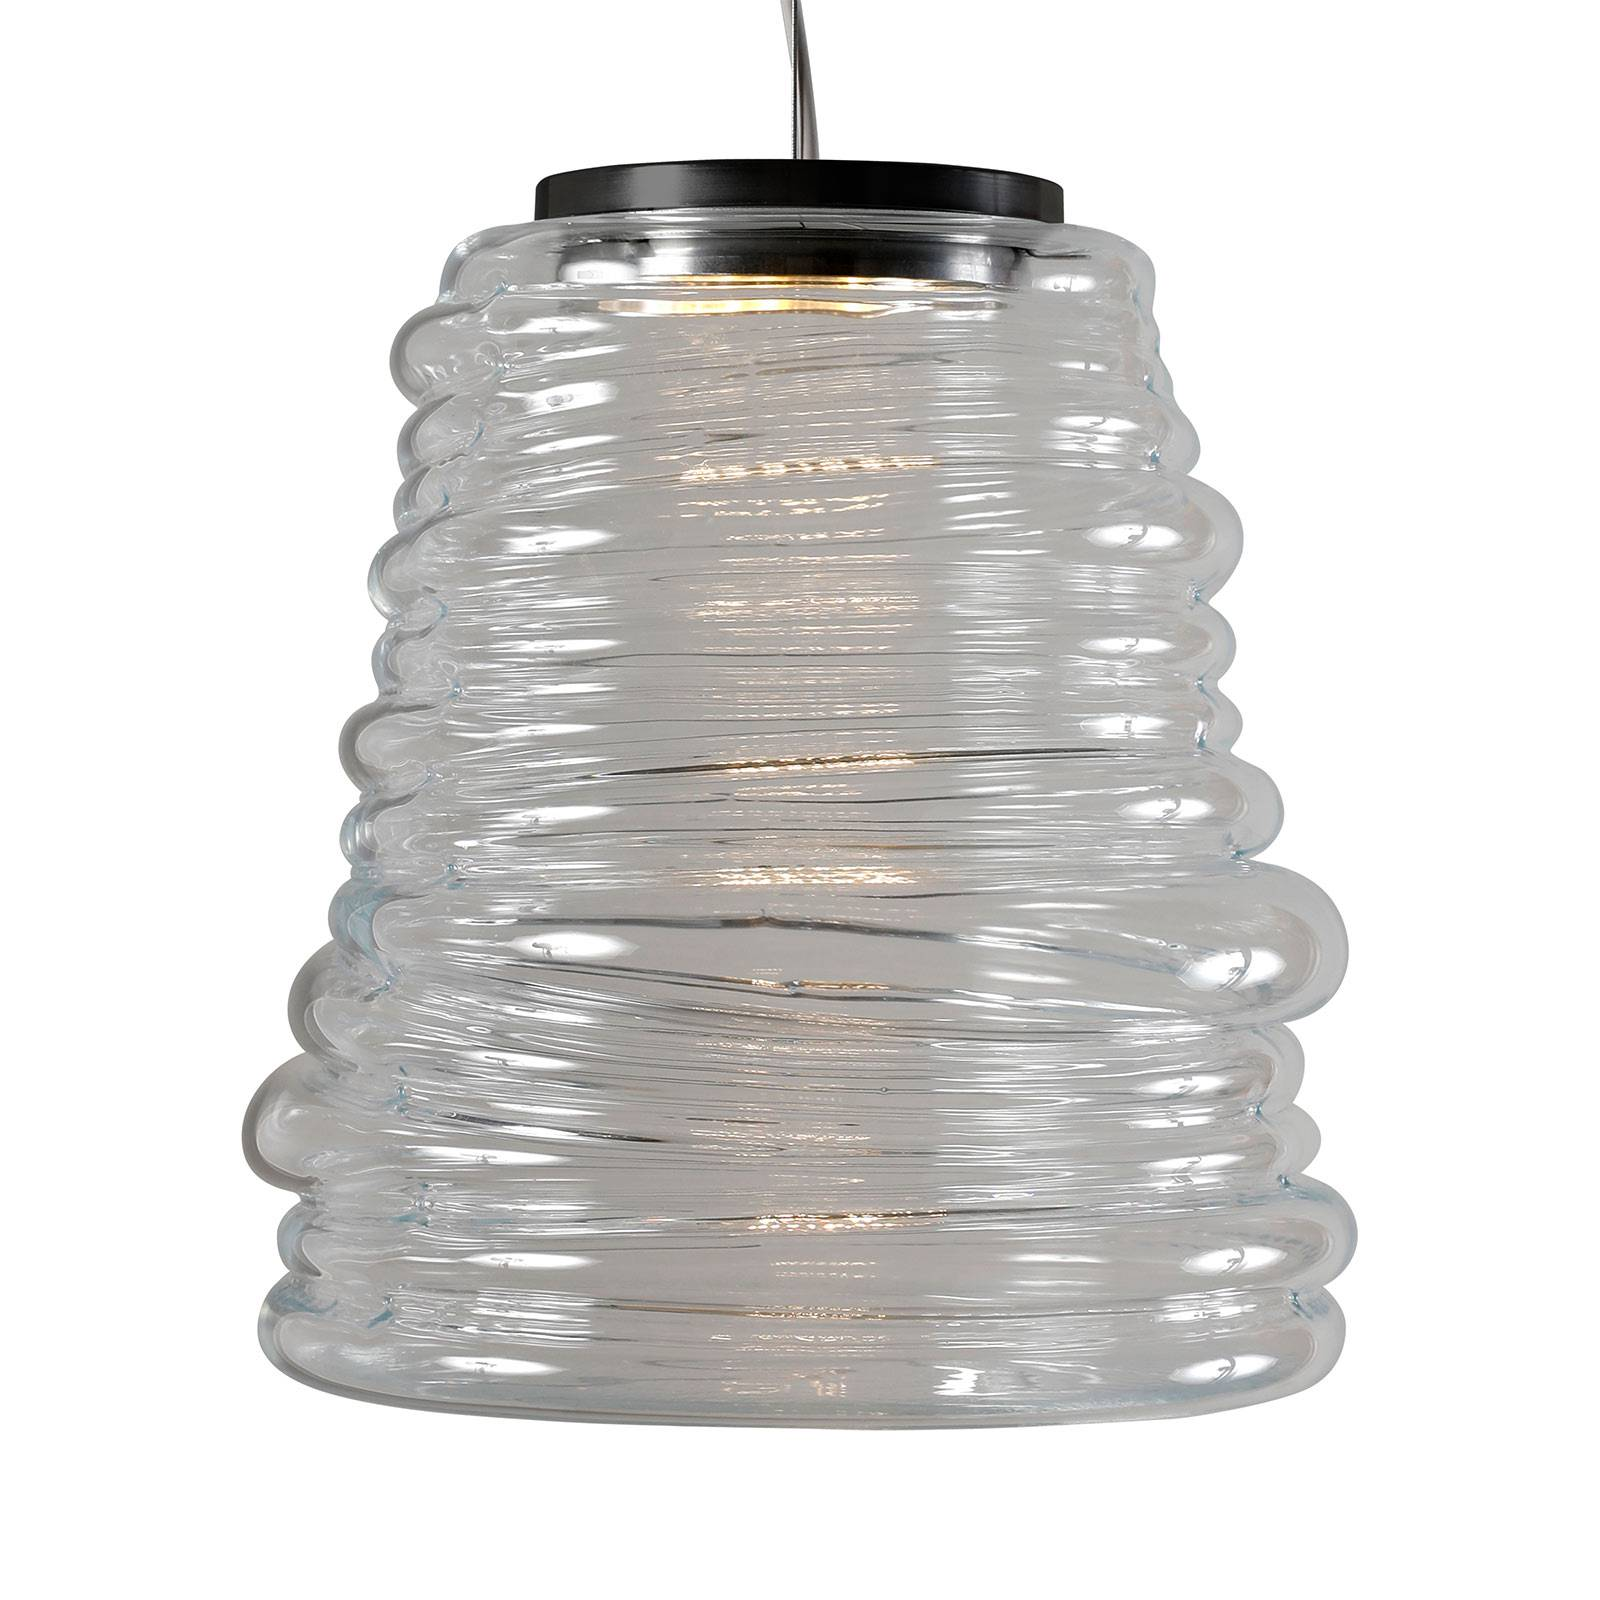 Karman Bibendum LED sospensione, Ø 30 cm, traspar.